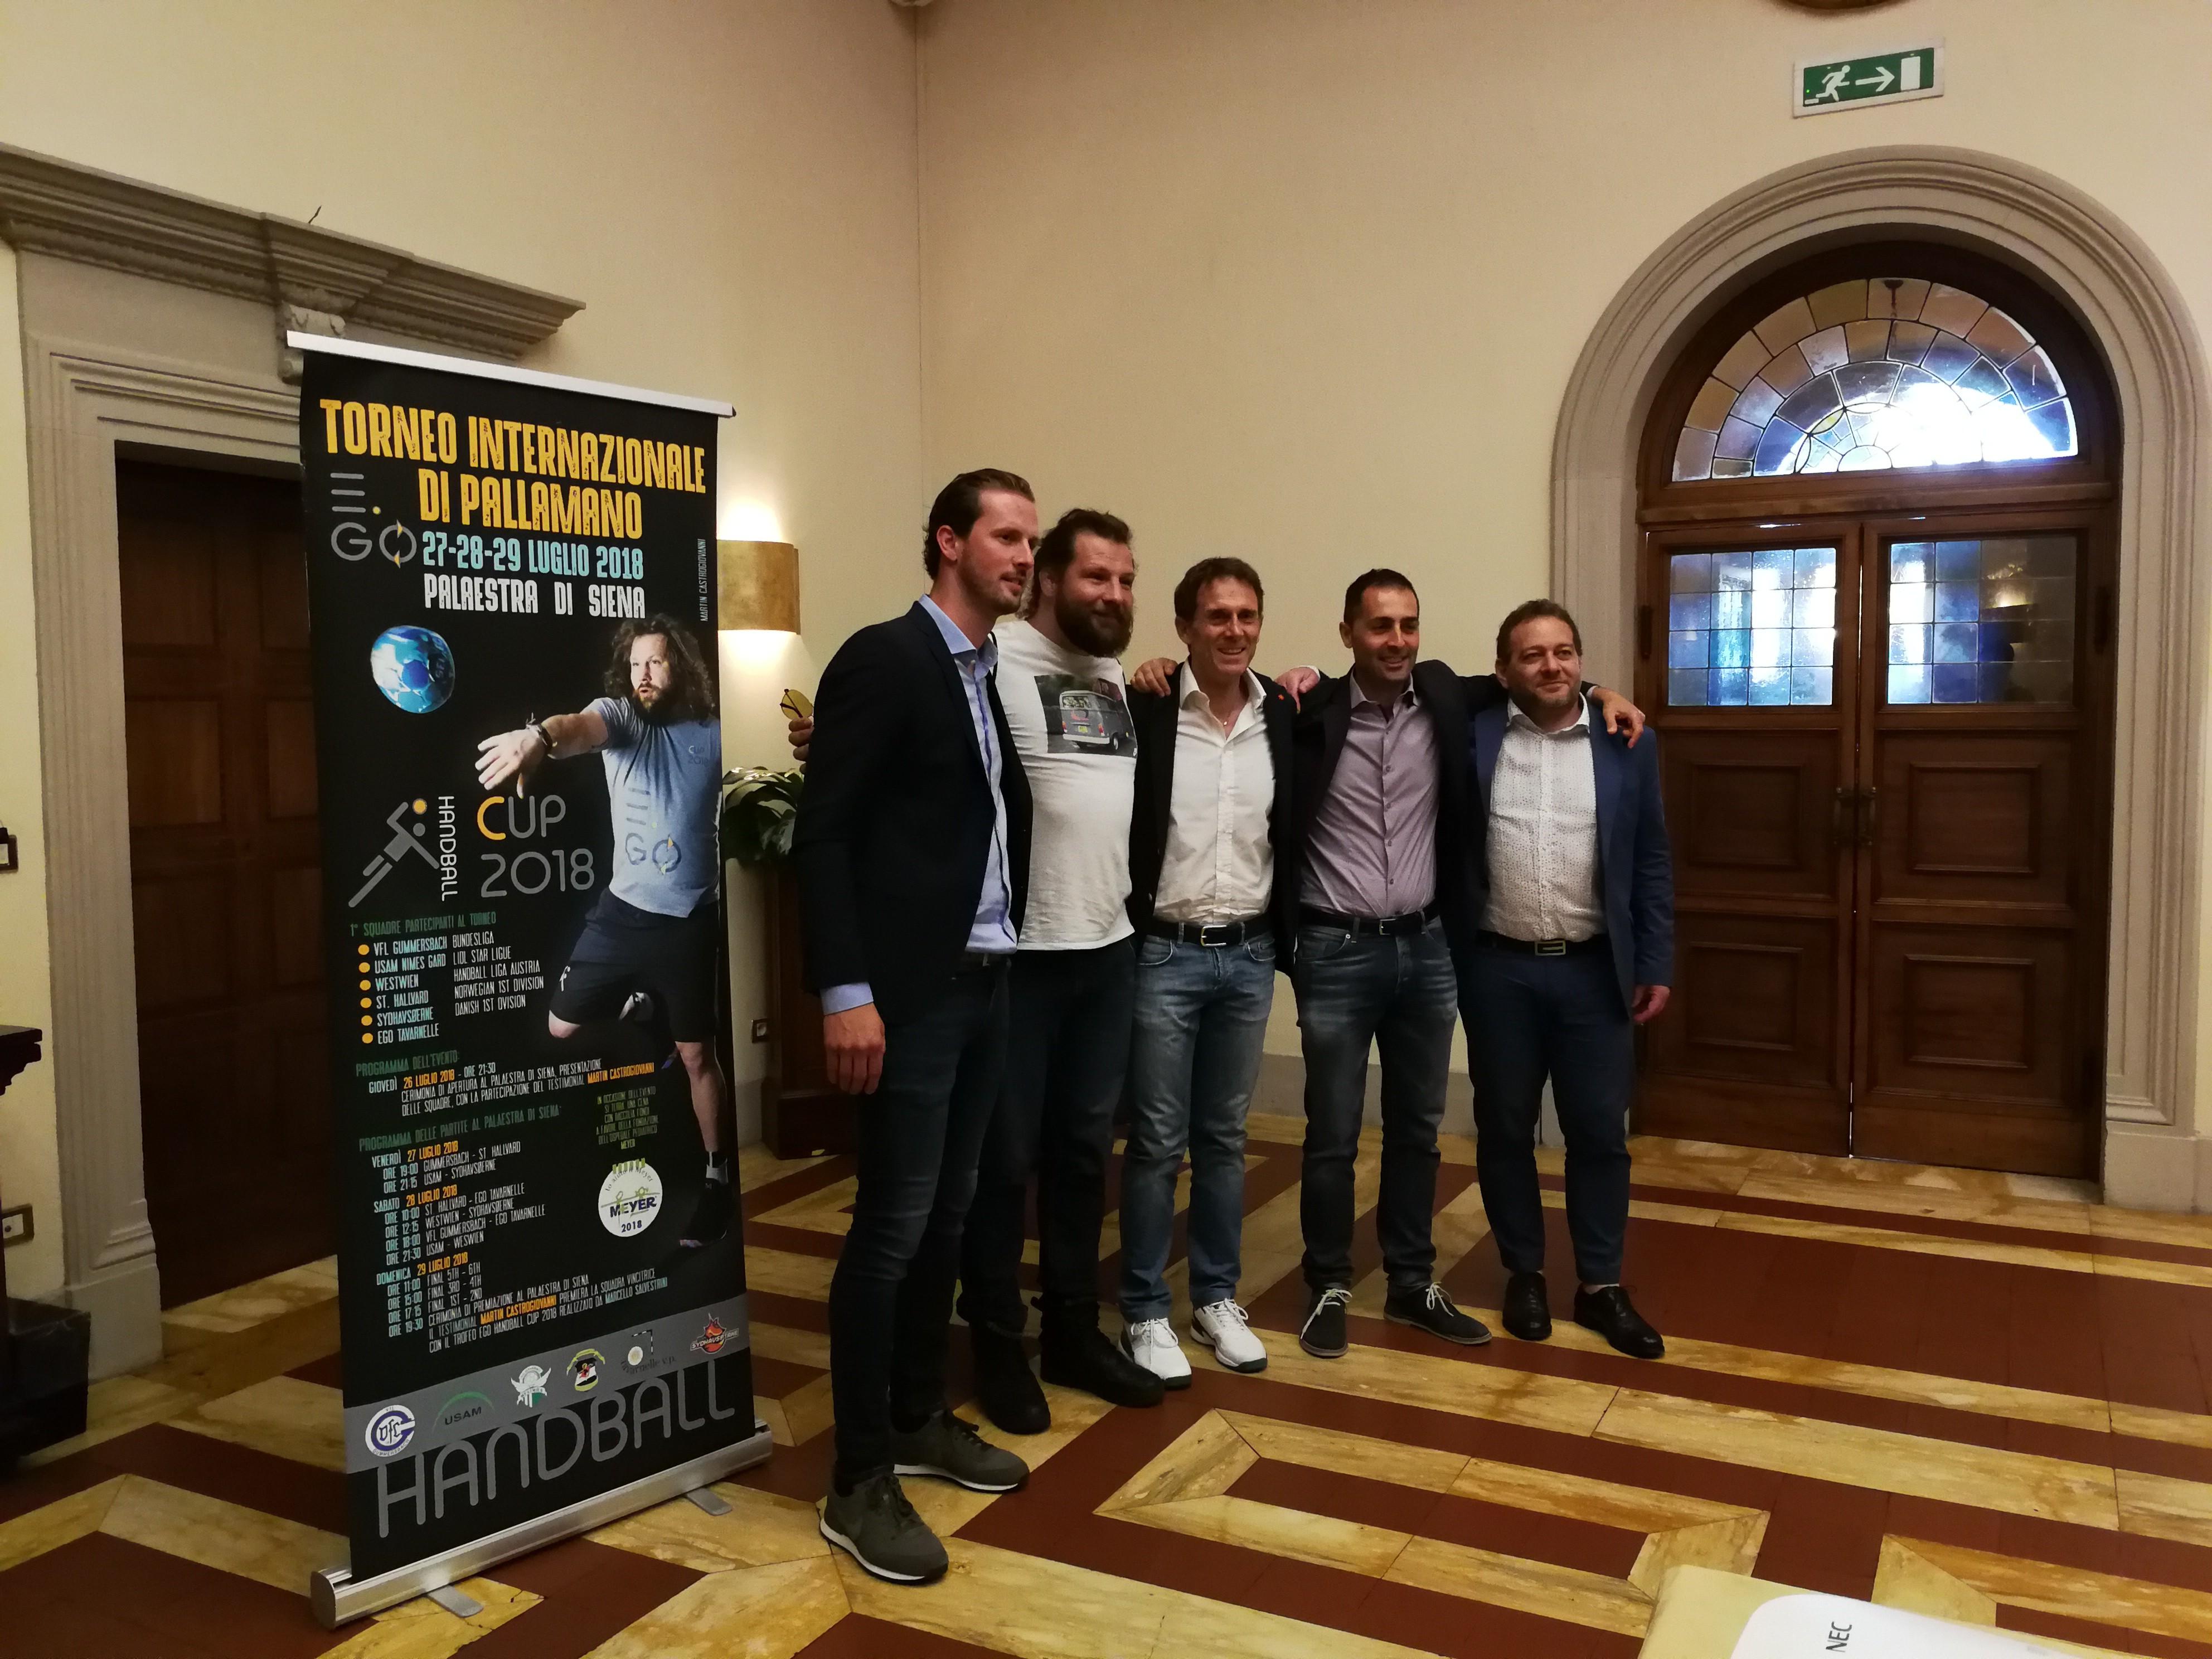 Presentata la prima edizione di Ego Handball Cup: a Siena il torneo internazionale di pallamano